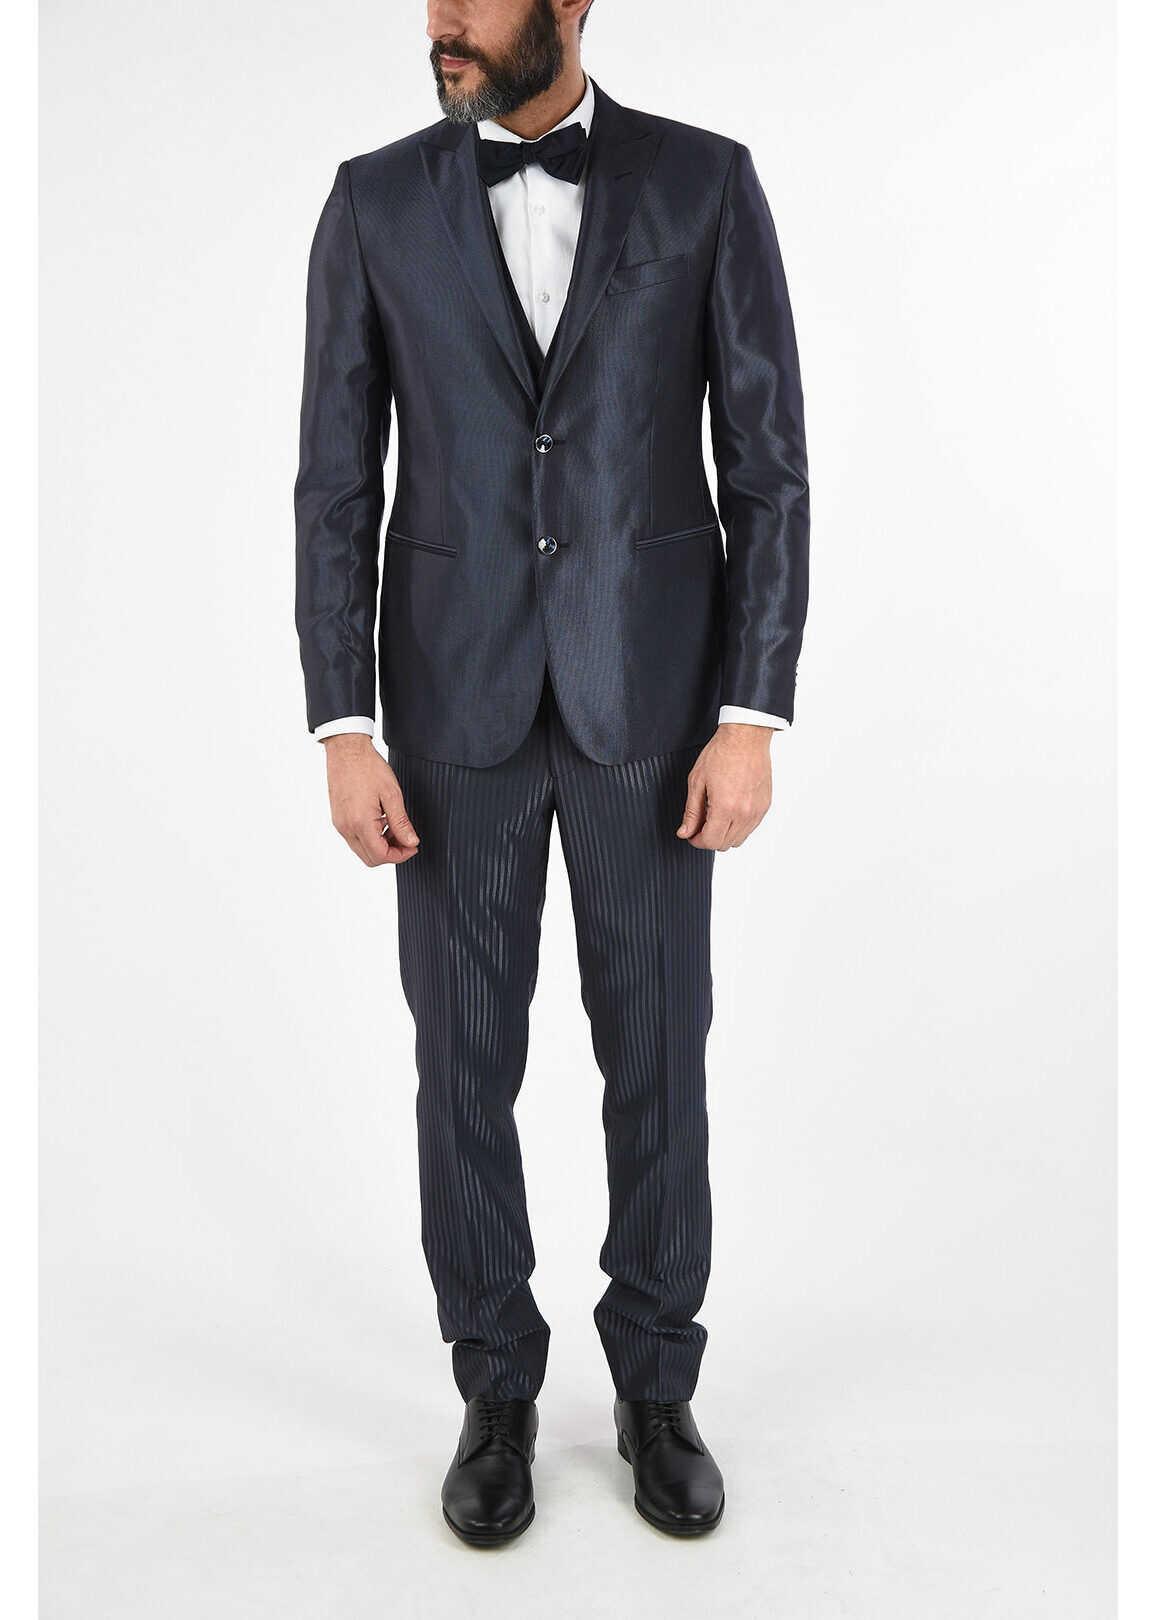 CORNELIANI CC COLLECTION CERIMONIA REFINED drop 8R 3 piece waistcoat su BLUE imagine